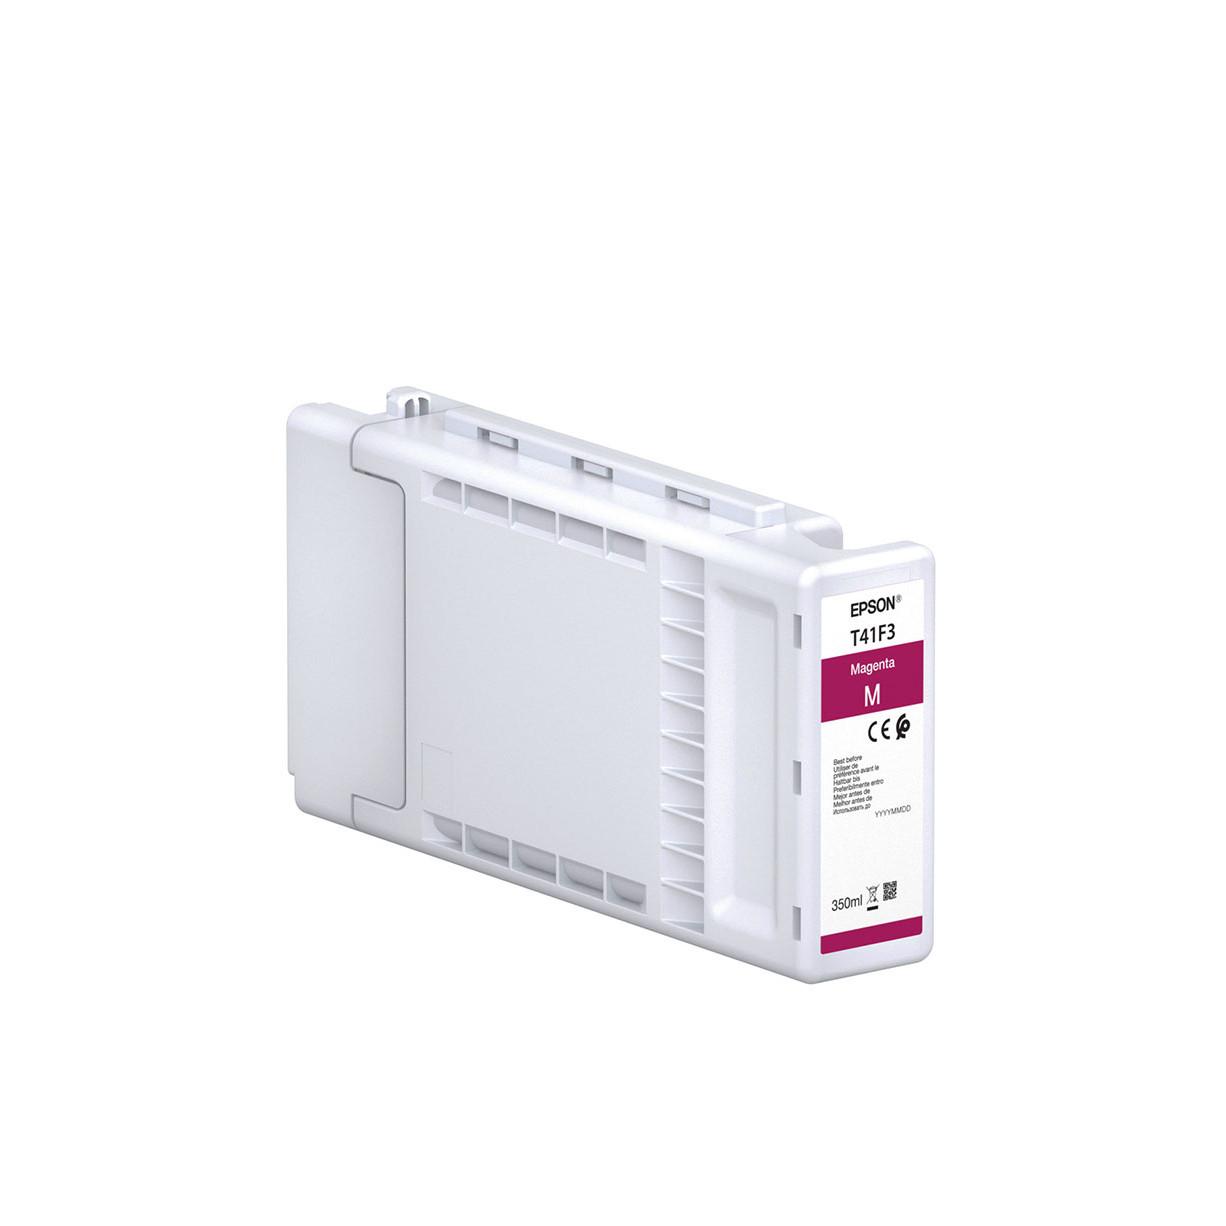 Струйный картридж Epson T41F3 (Оригинальный, Пурпурный - Magenta) C13T41F340